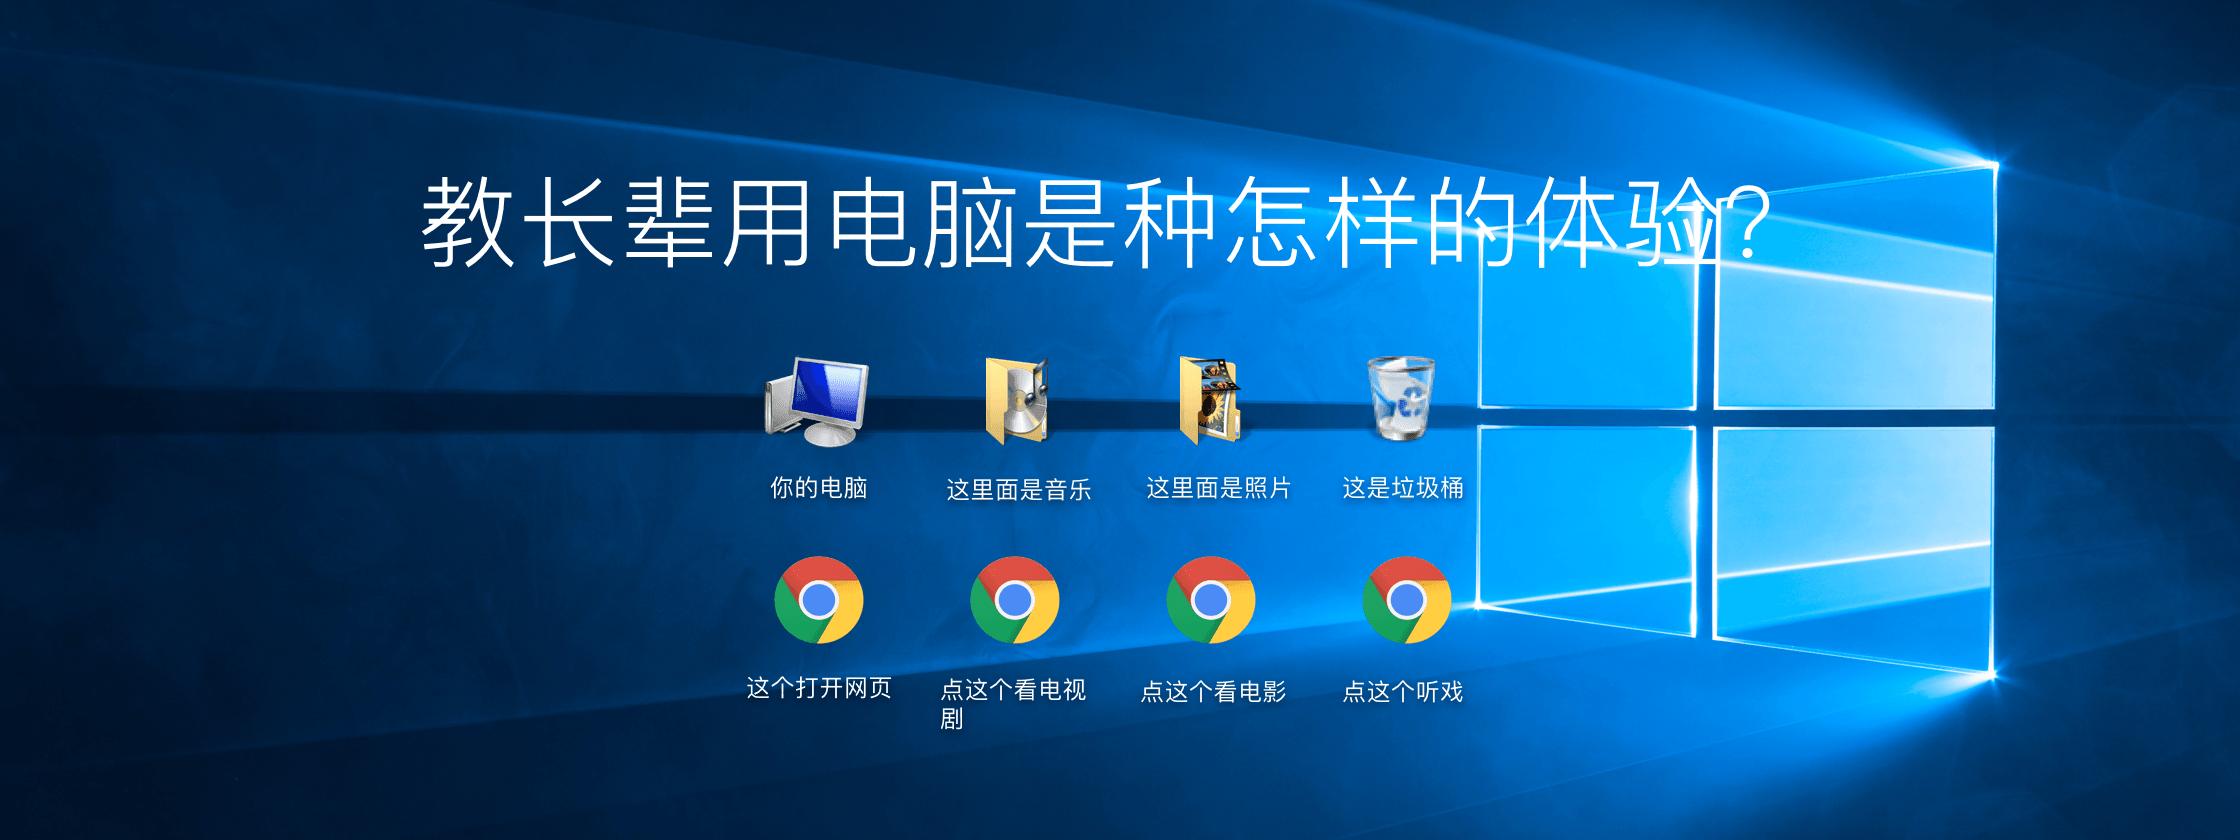 数码荔枝 x 征集有奖:教长辈用电脑是种怎样的体验?